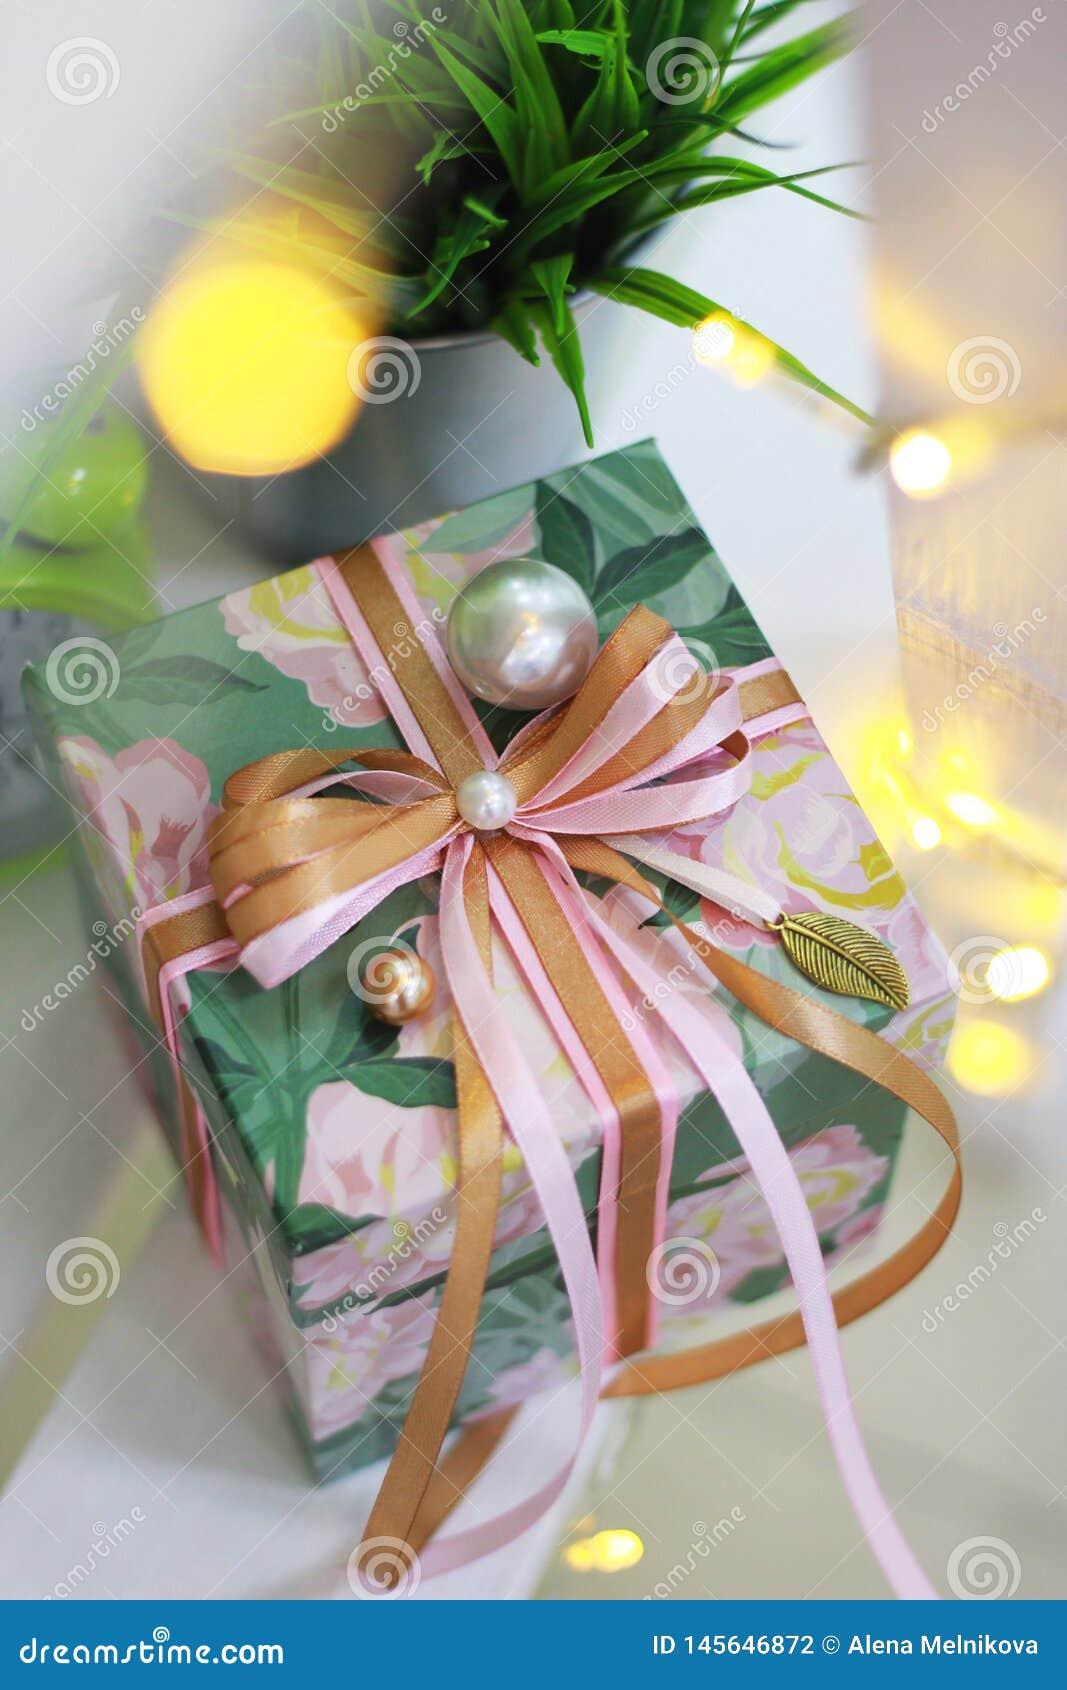 有丝带弓和珍珠装饰的礼物盒